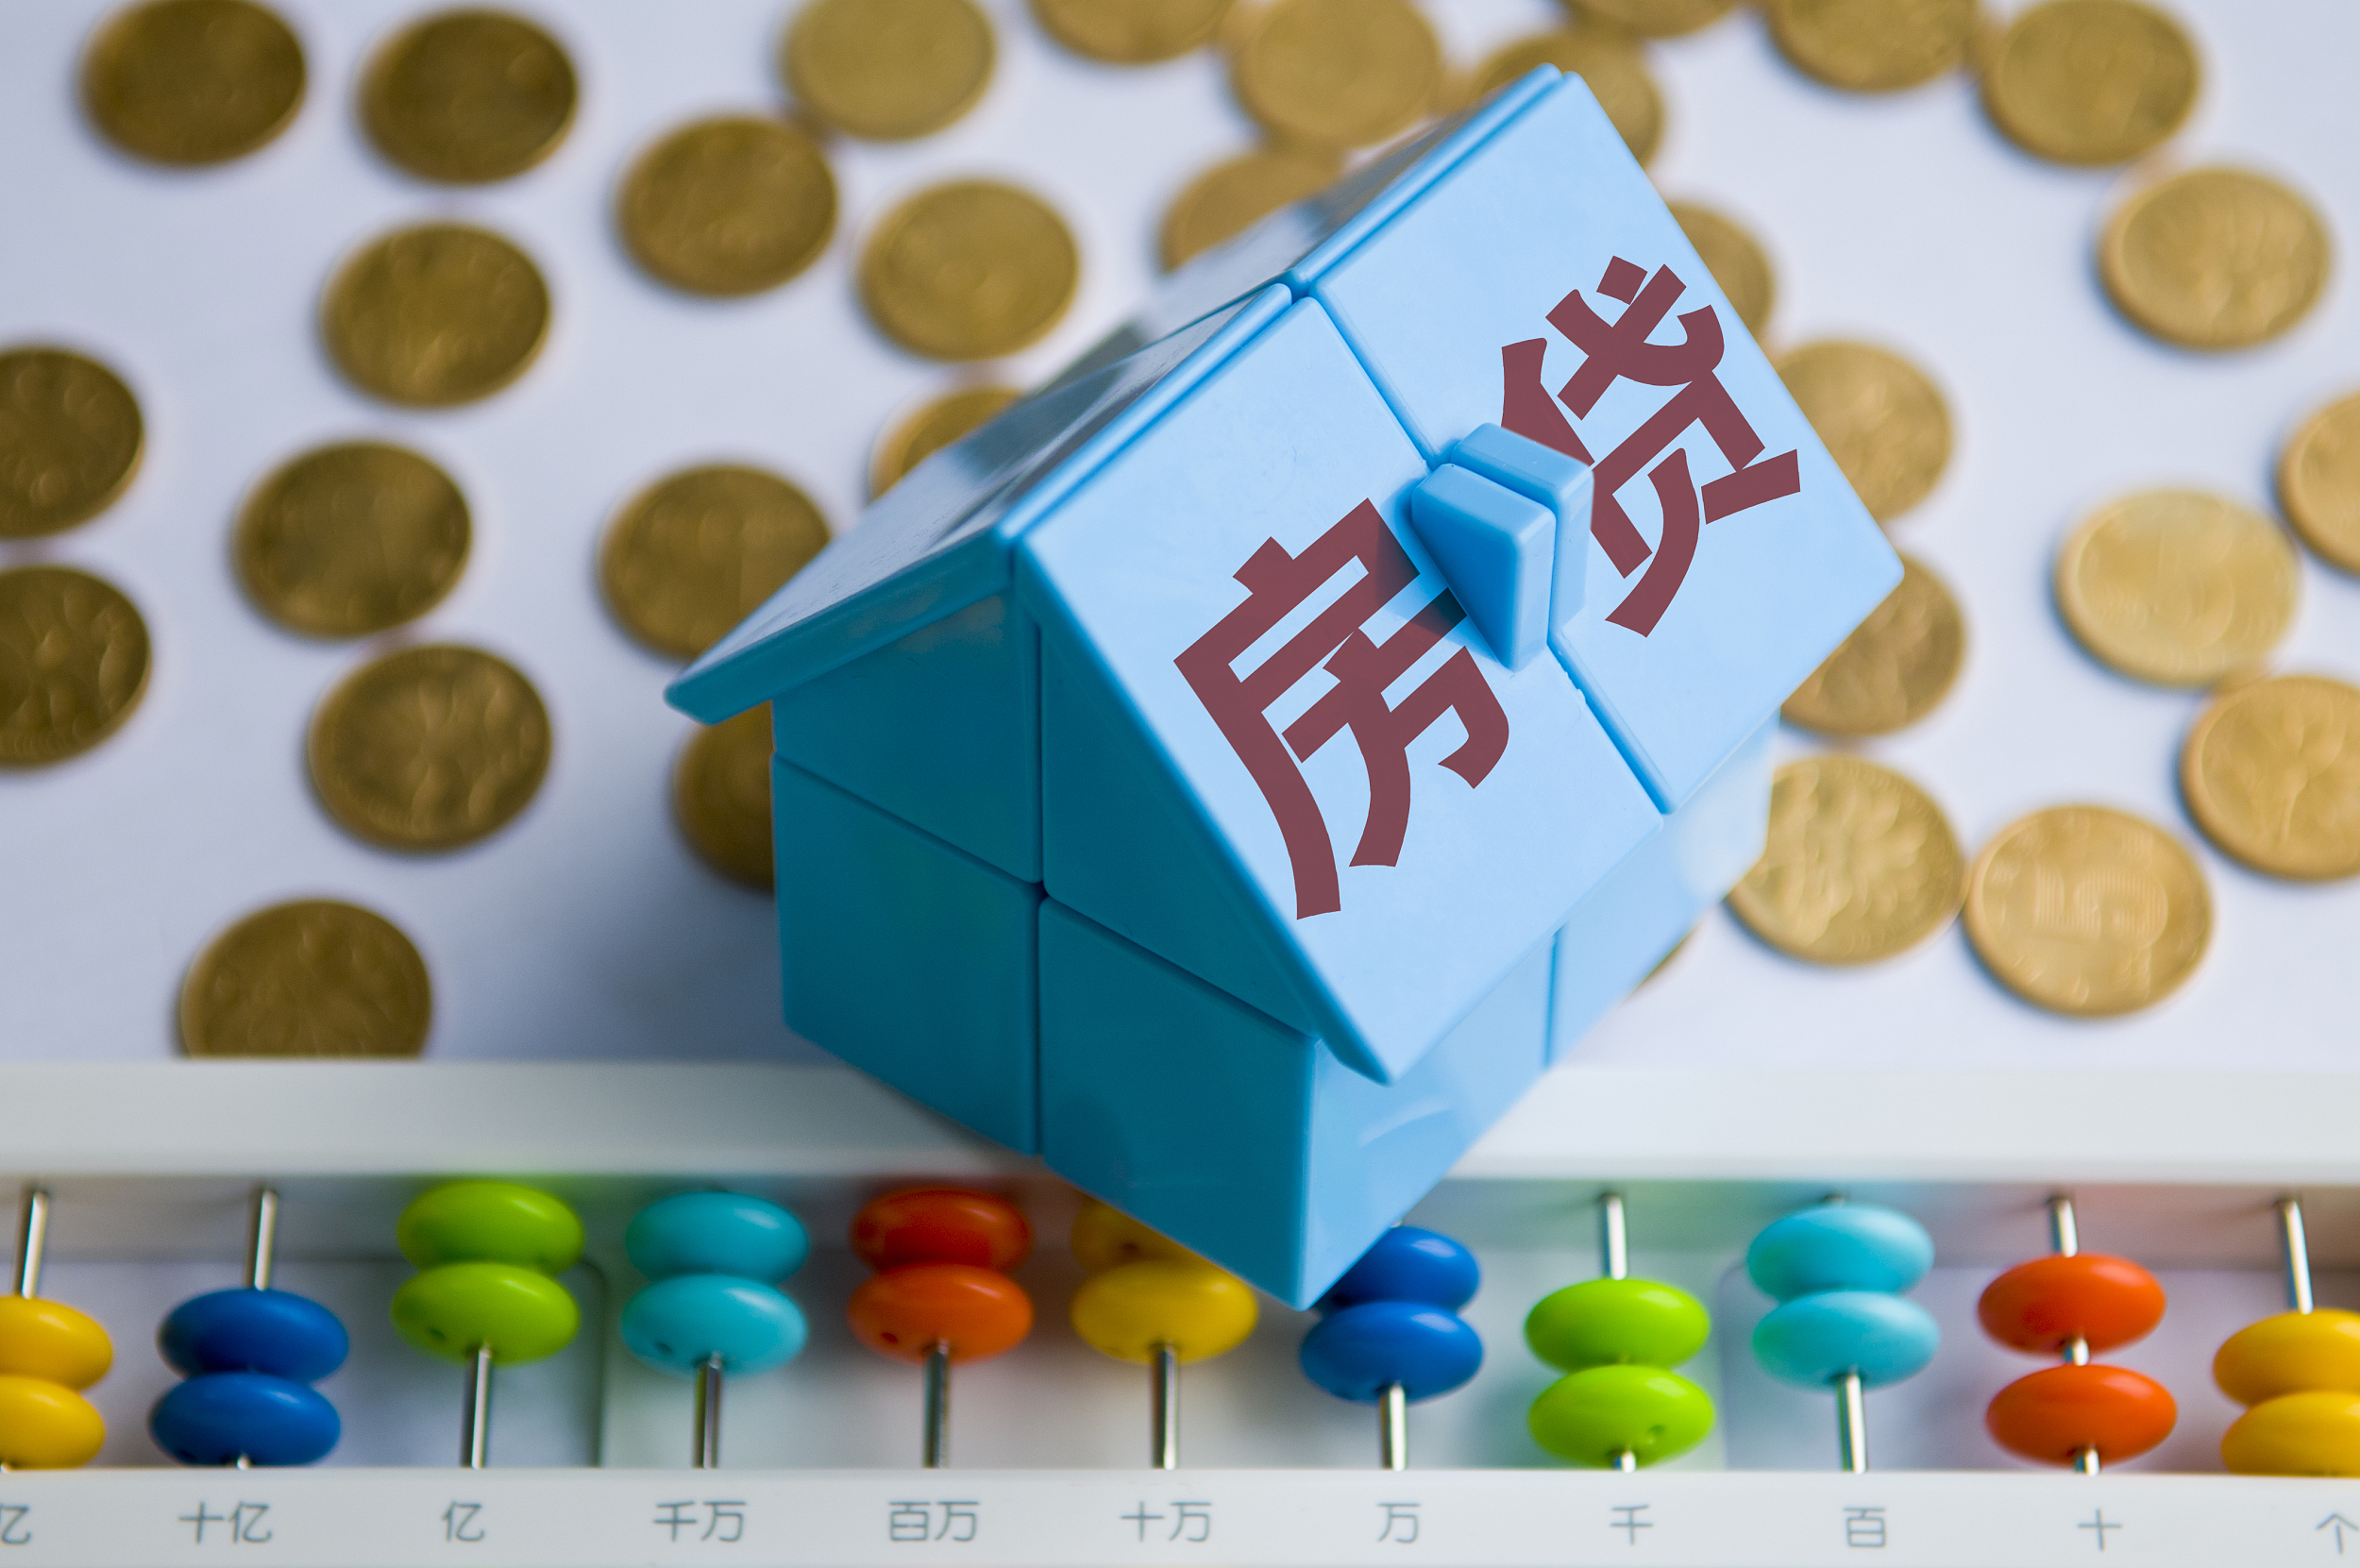 房地产贷款增速快隐患多 创8年来新低